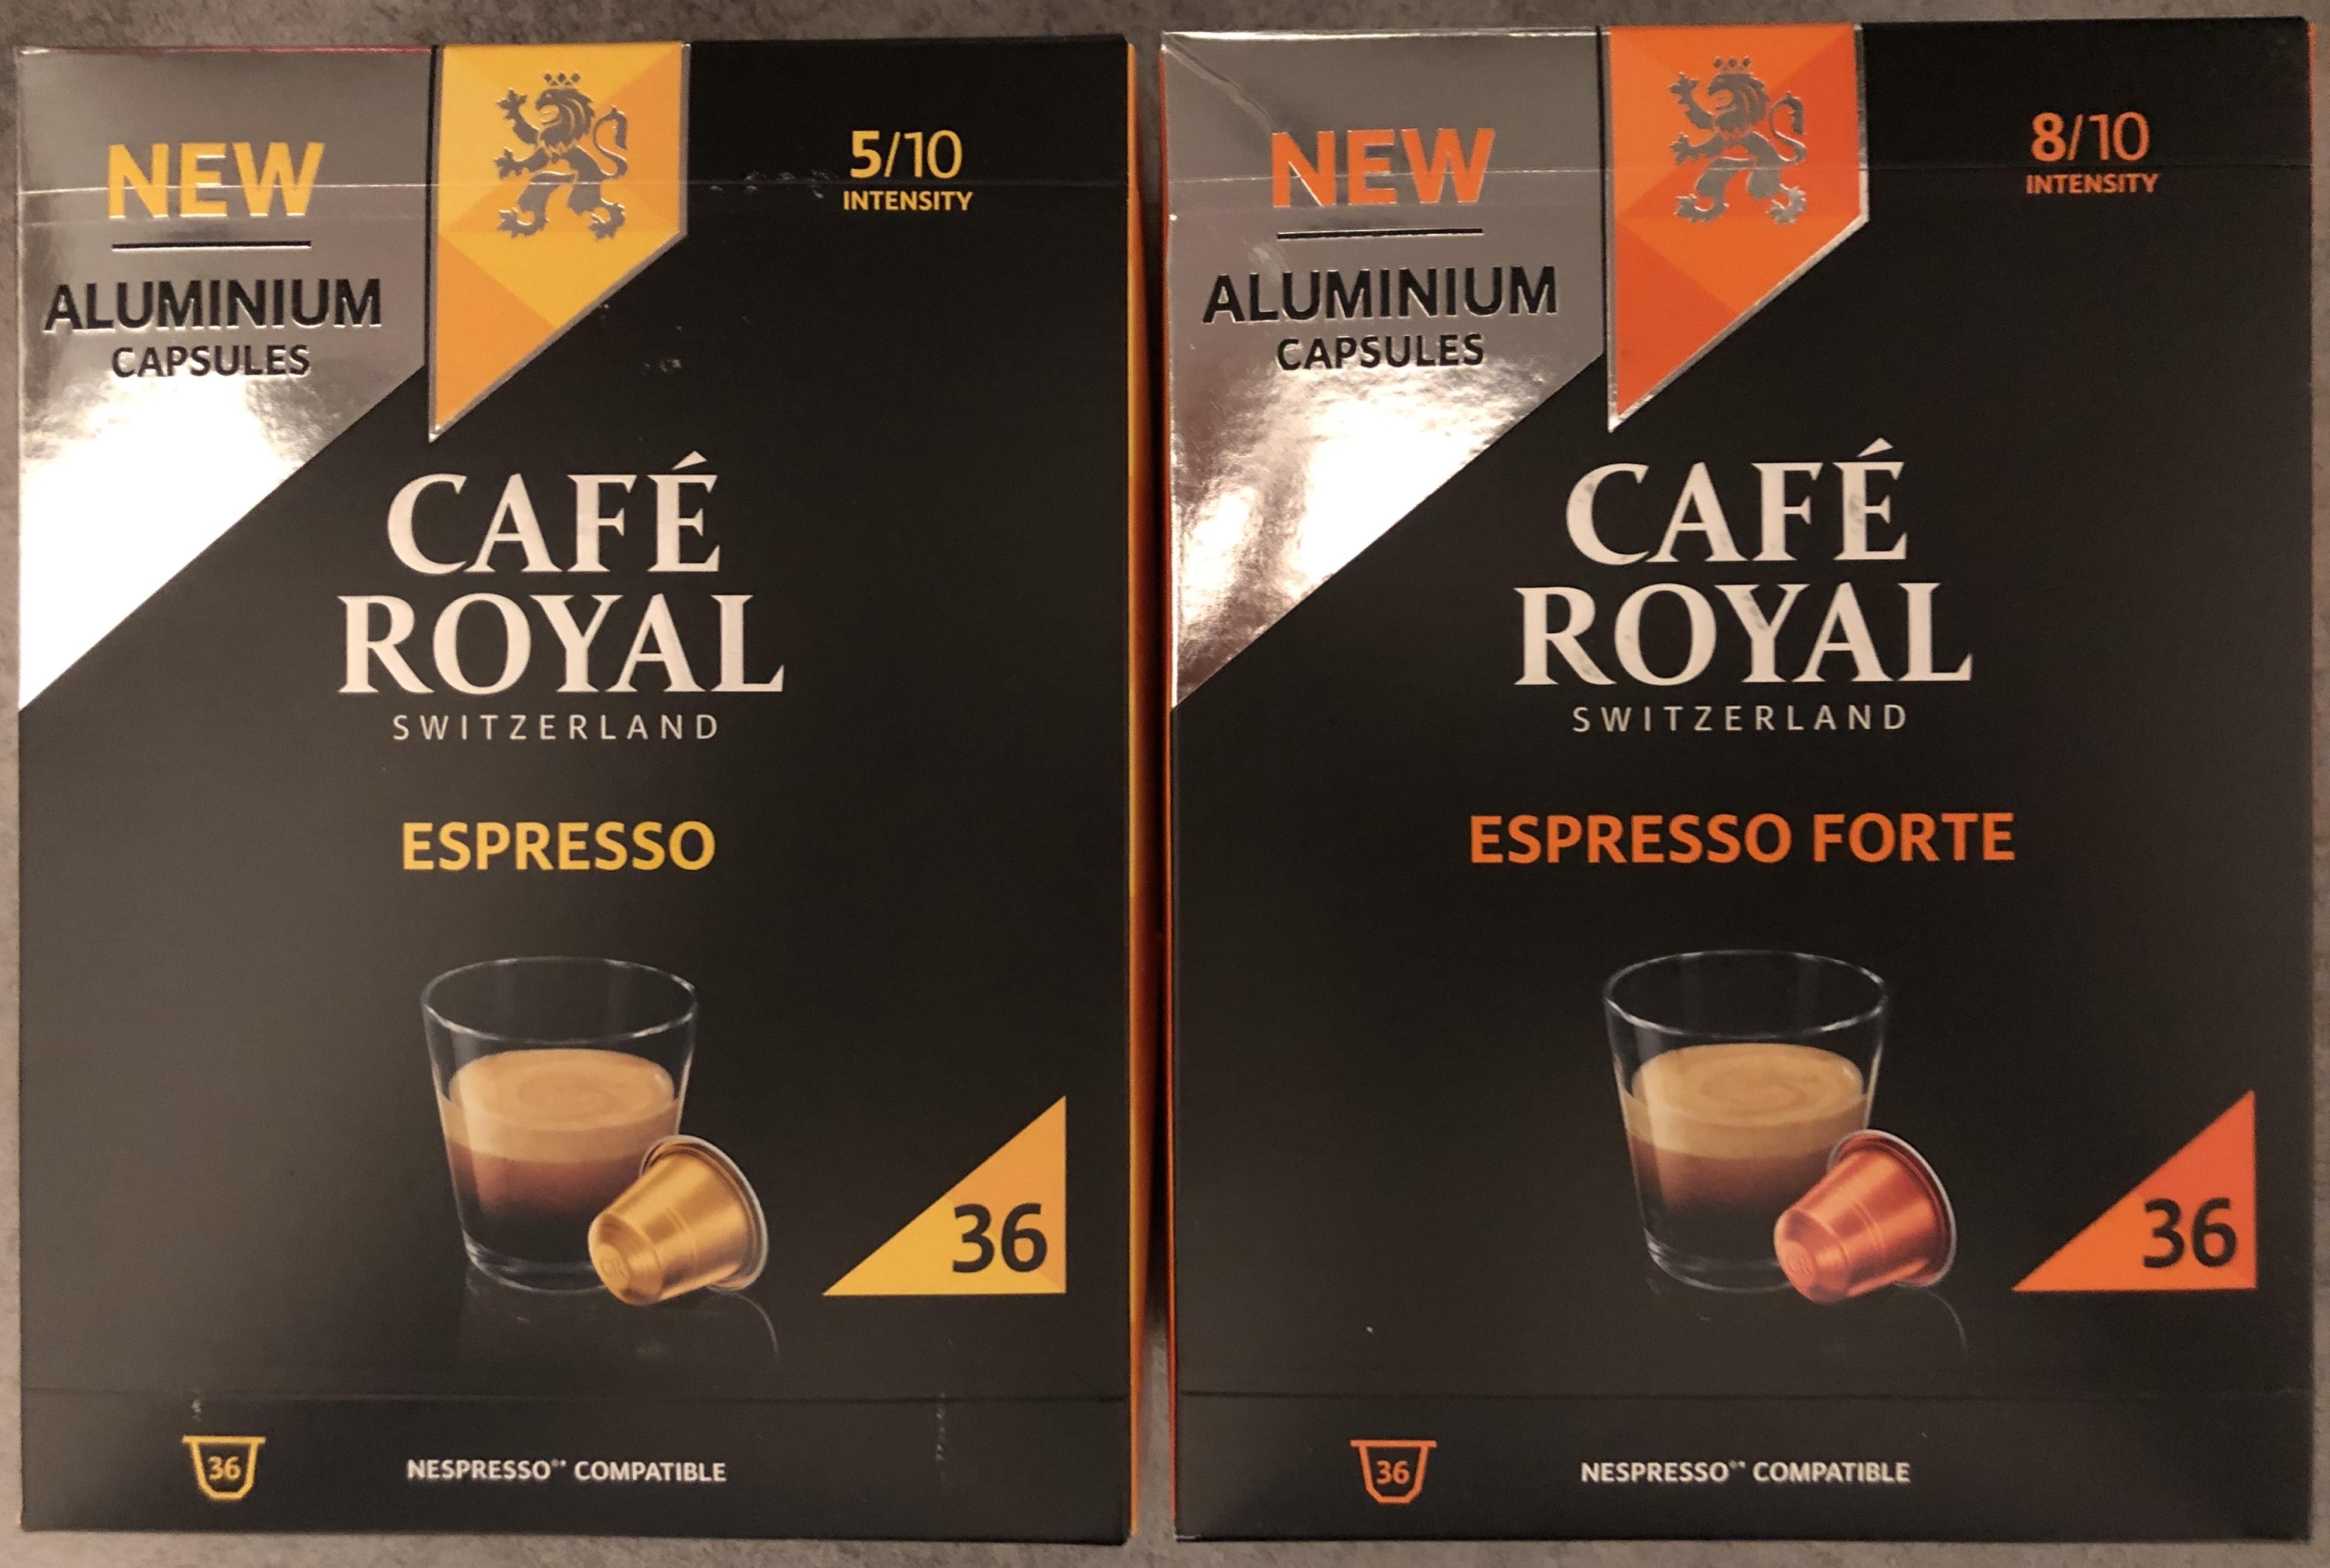 Paquet de 36 dosettes à Café Royal Nespresso Aluminium - Monoprix La garenne (92)